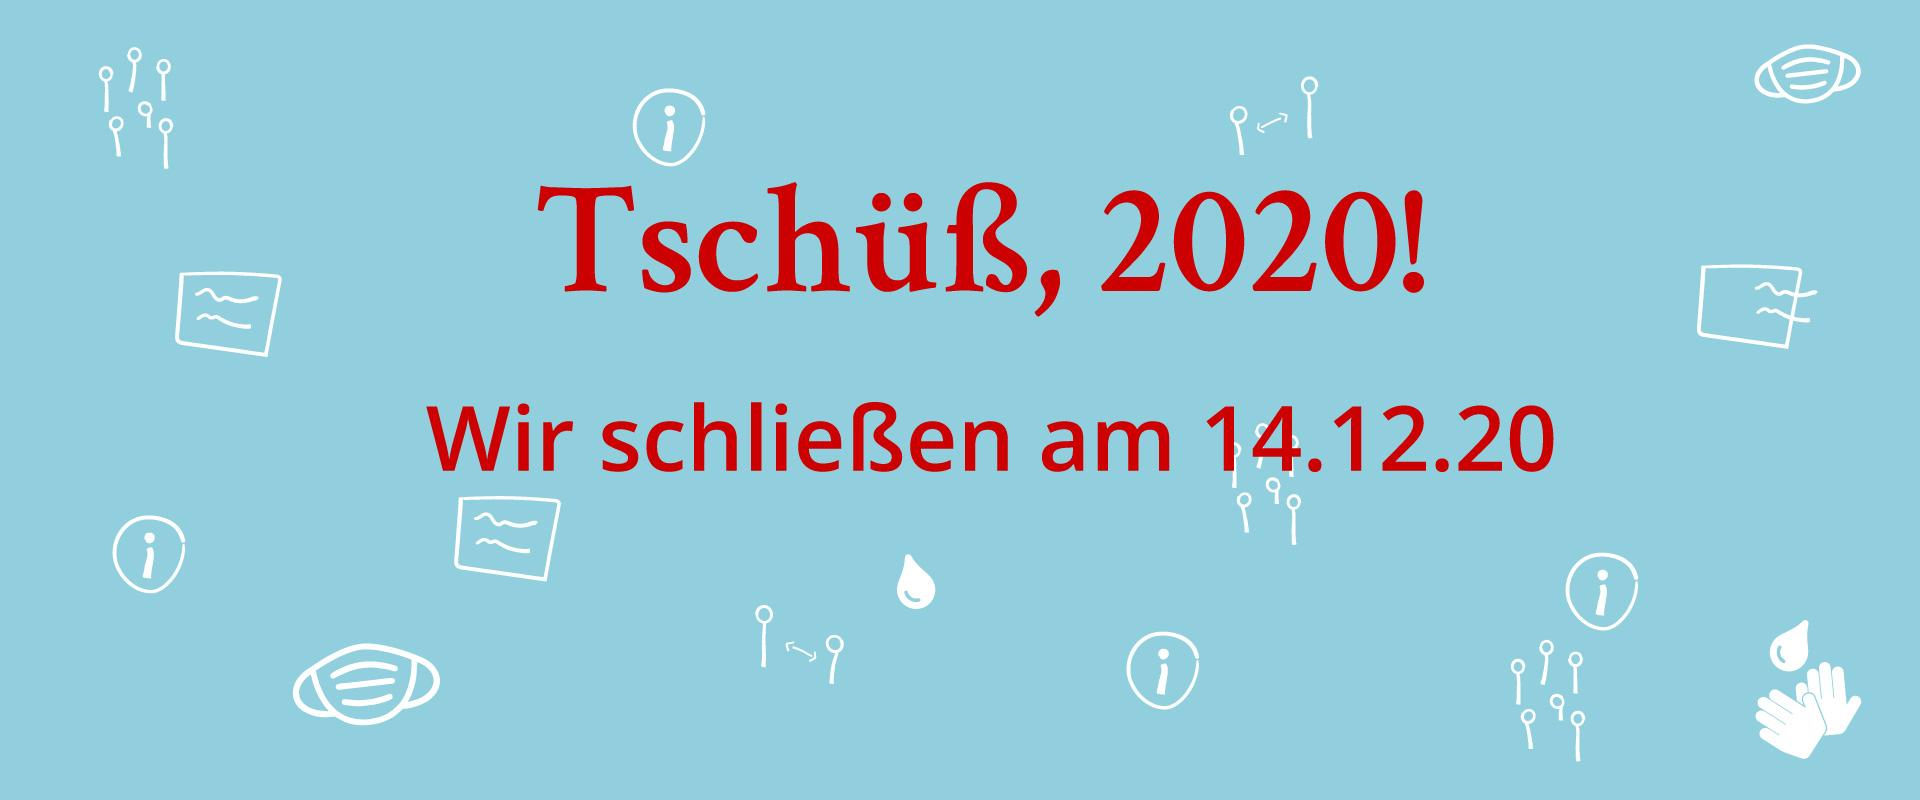 Kunstwerkstätten schließen ab dem 14.12.20